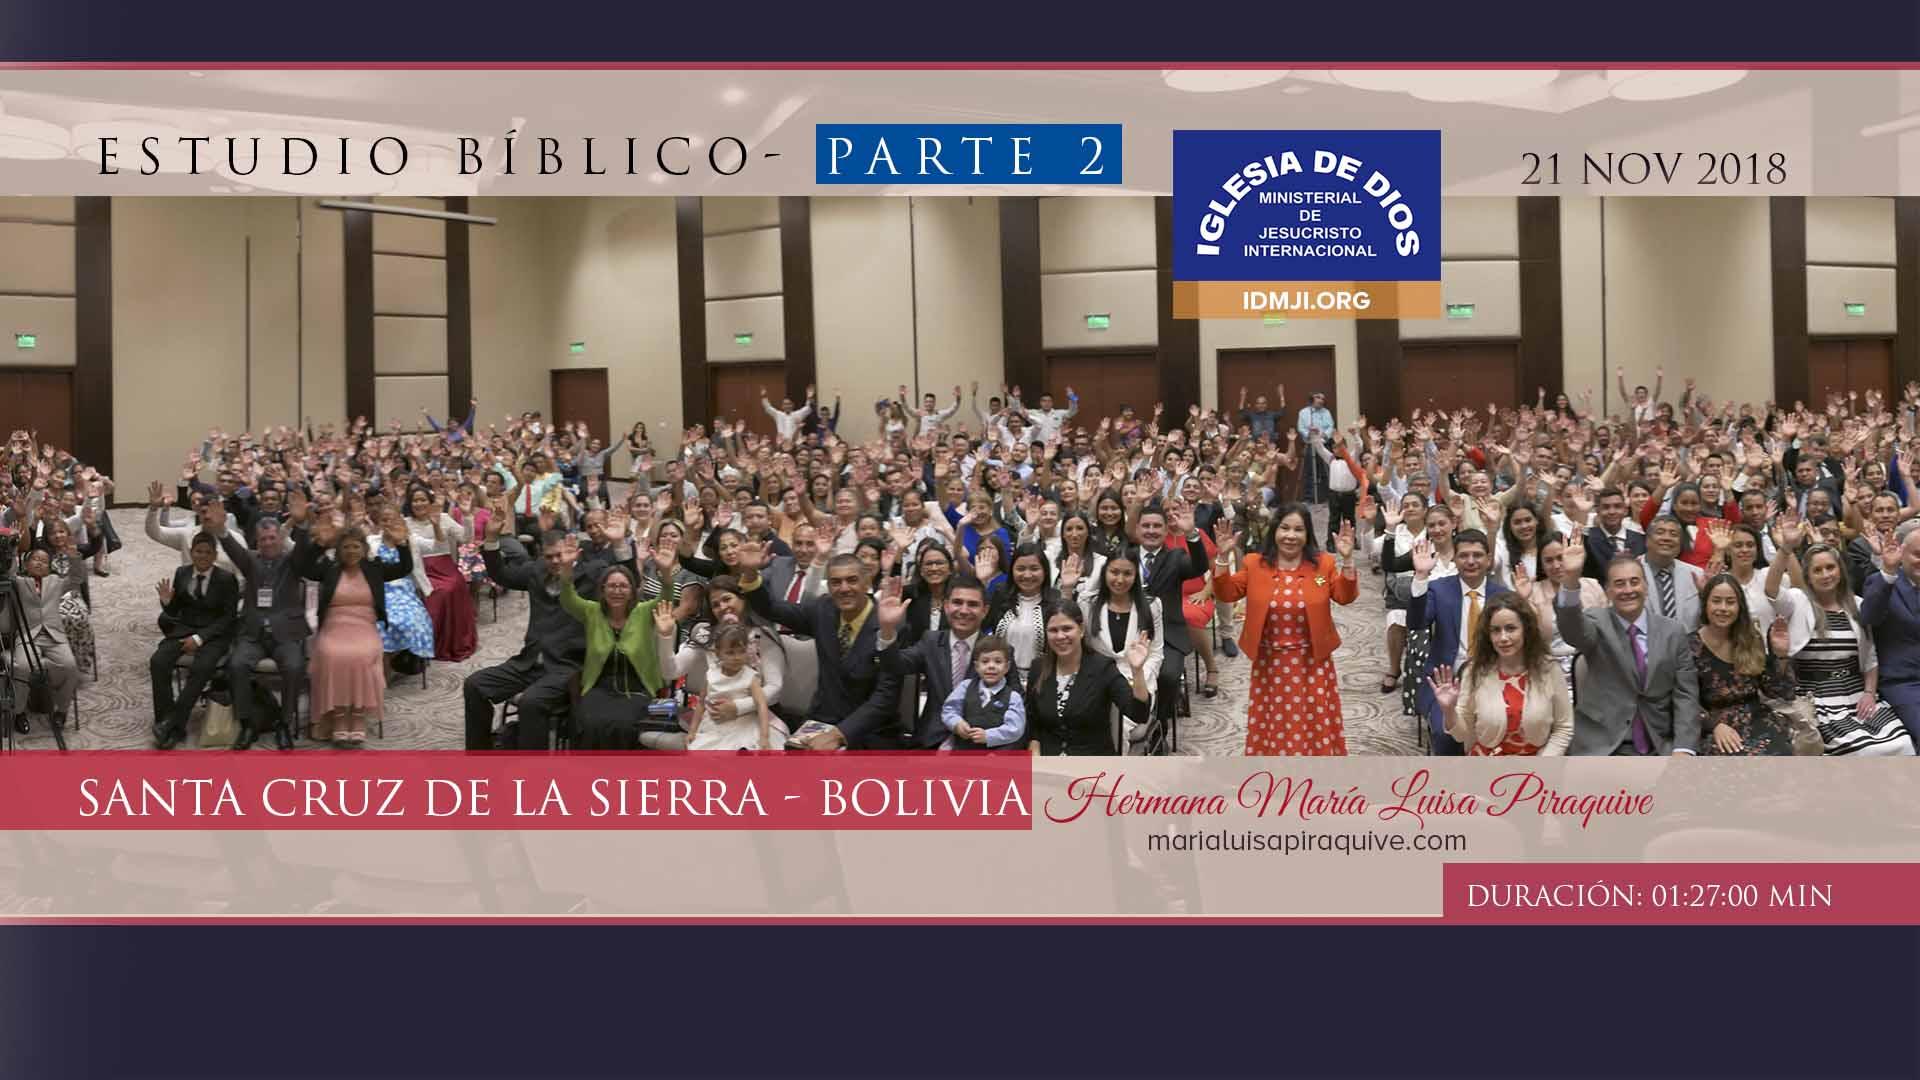 Estudio Bíblico: Parte 2,  Bolivia – Santa Cruz de la Sierra